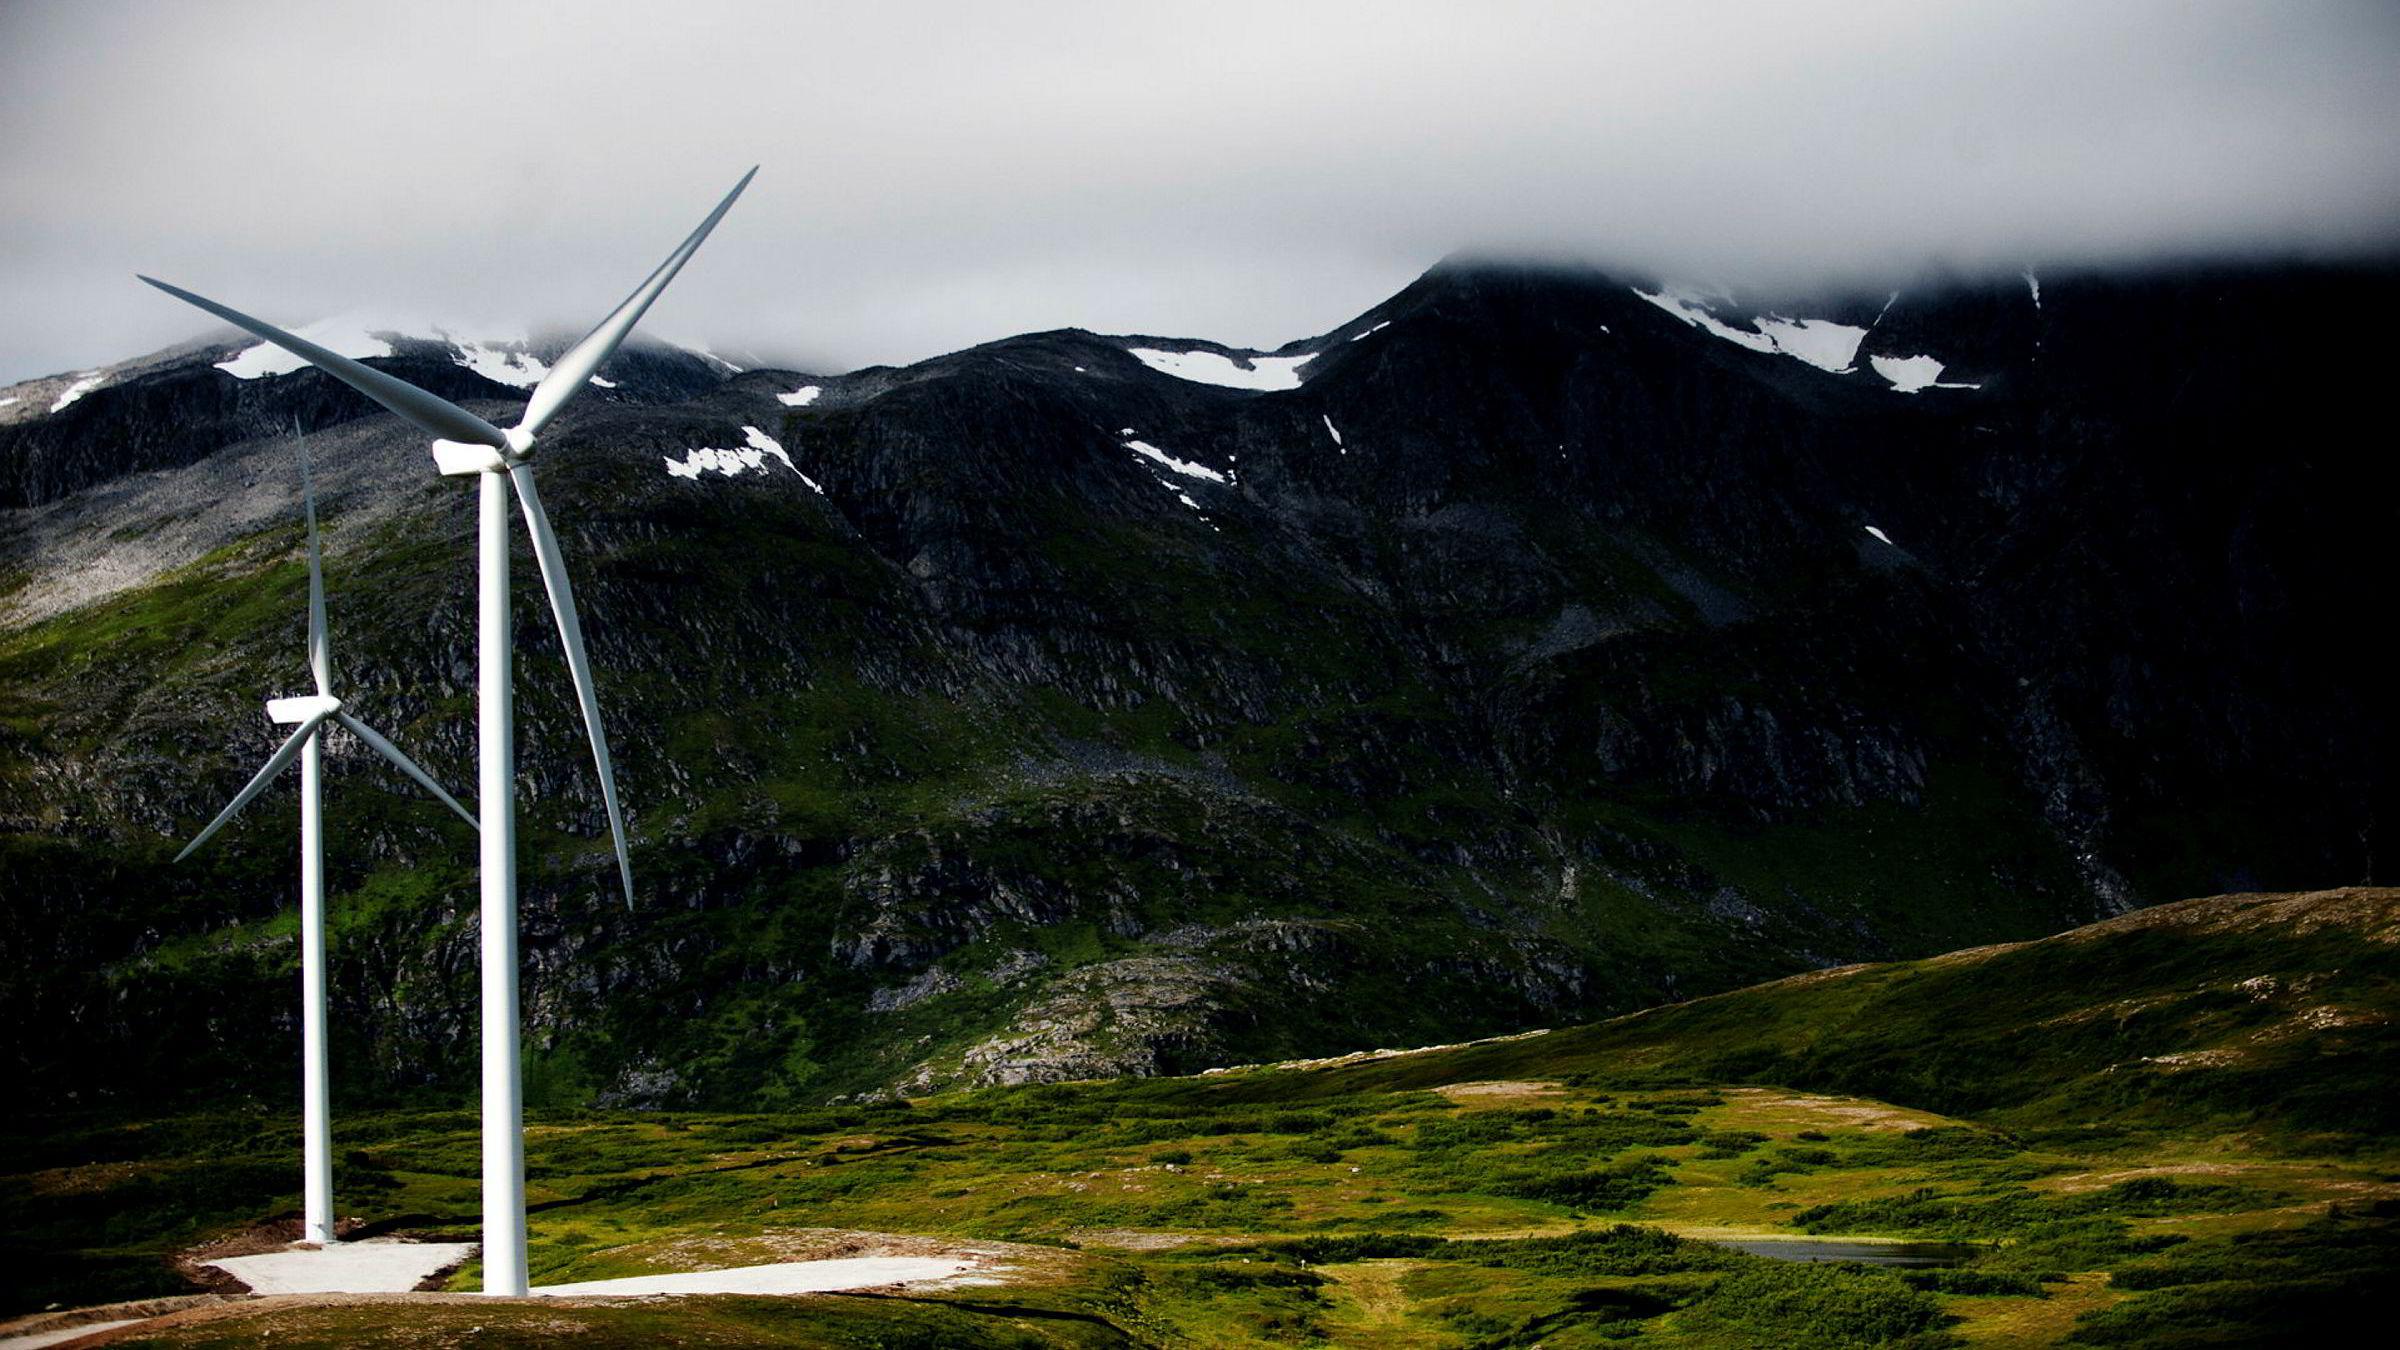 Noreg kan bli verdsleiande på havvindkraft, som godt planlagd kan gje langt mindre miljøskade enn vindkraft på land, sier forfatterne. Her fra Fakken Vindpark på Vannøya i Troms.